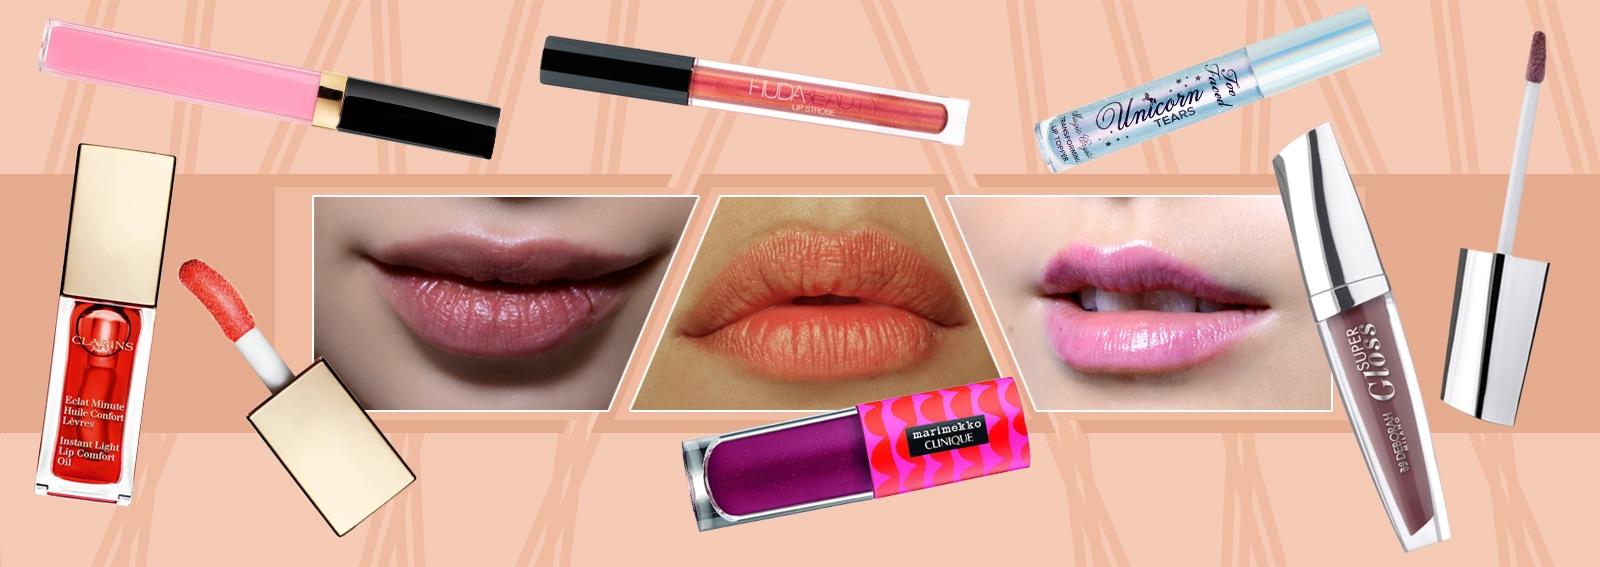 DESKTOP_Come_ai-nuovi-lipgloss